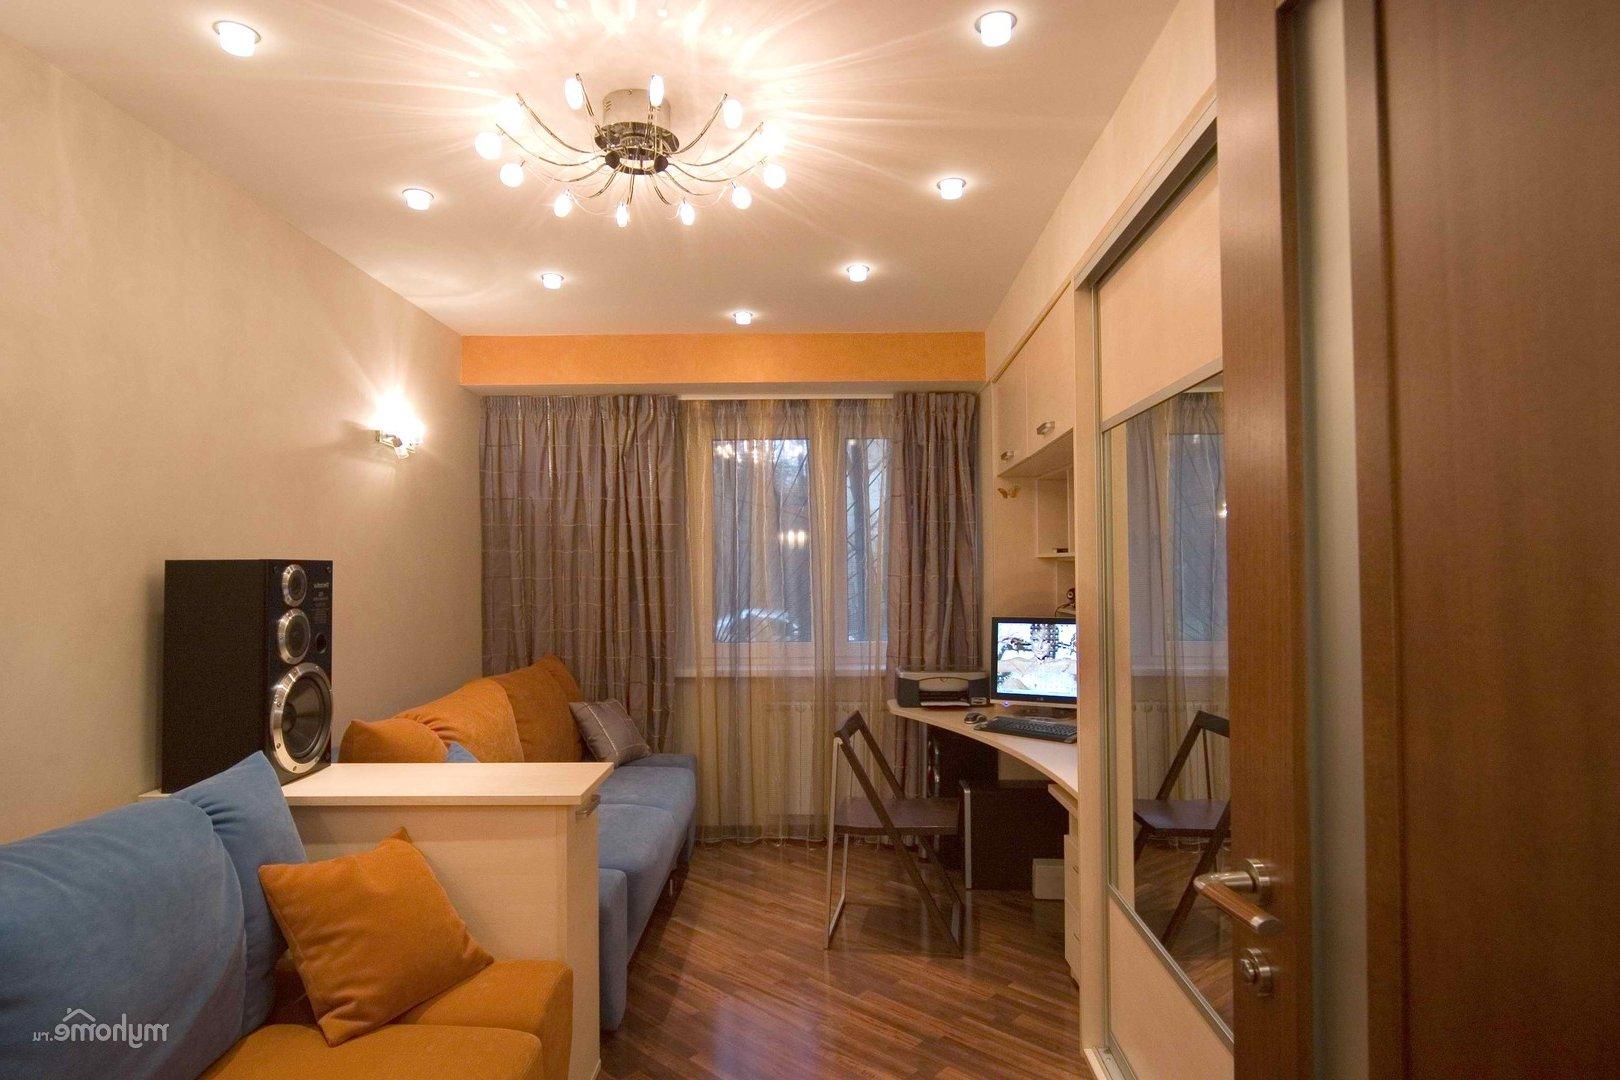 Дешевый ремонт в маленькой квартире